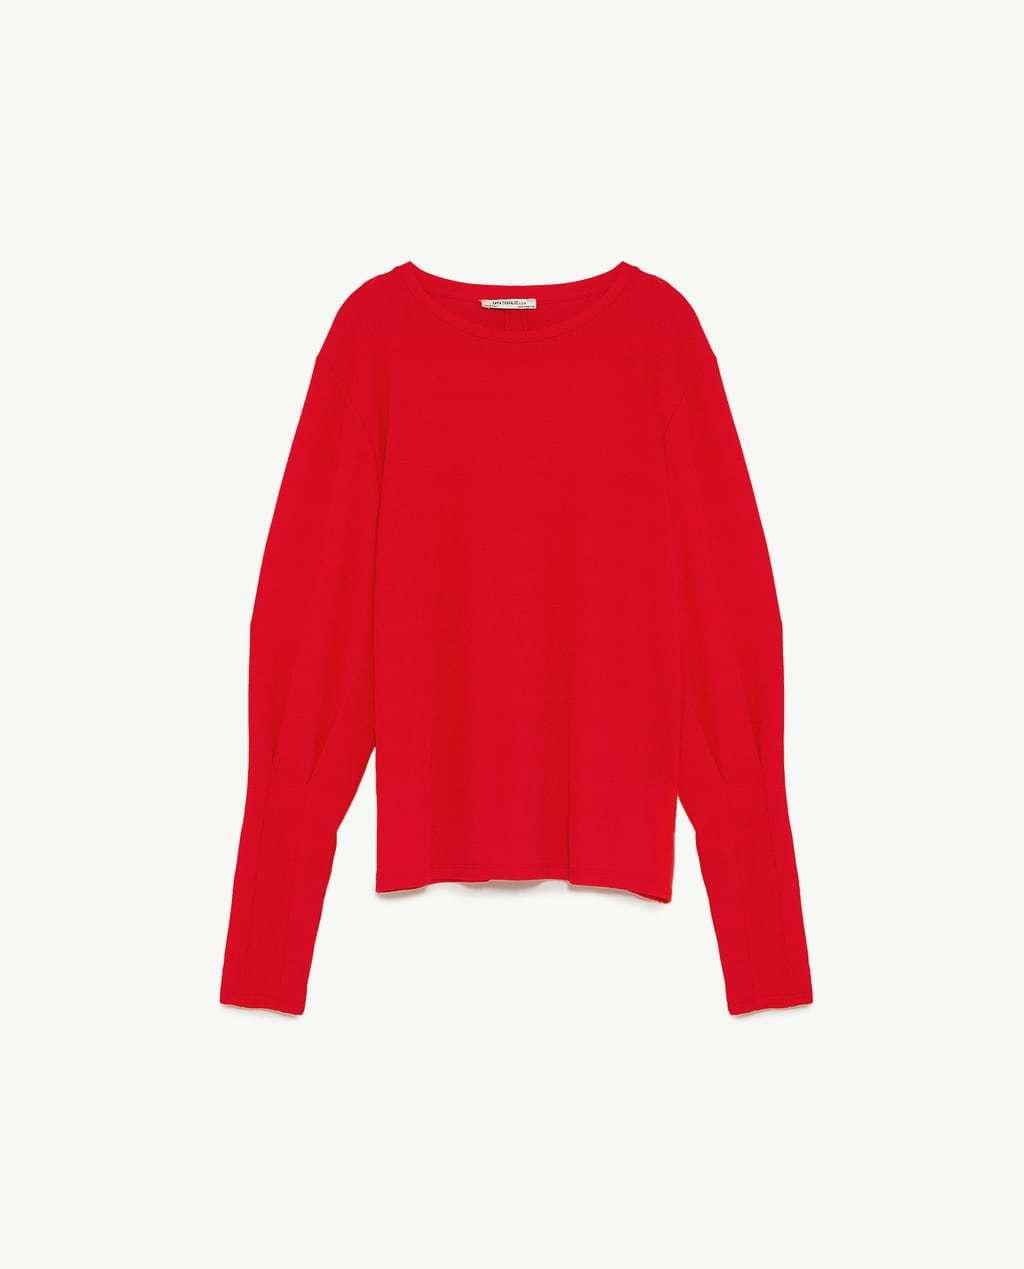 Jersey de mangas con pliegues de Zara (15,99 euros).